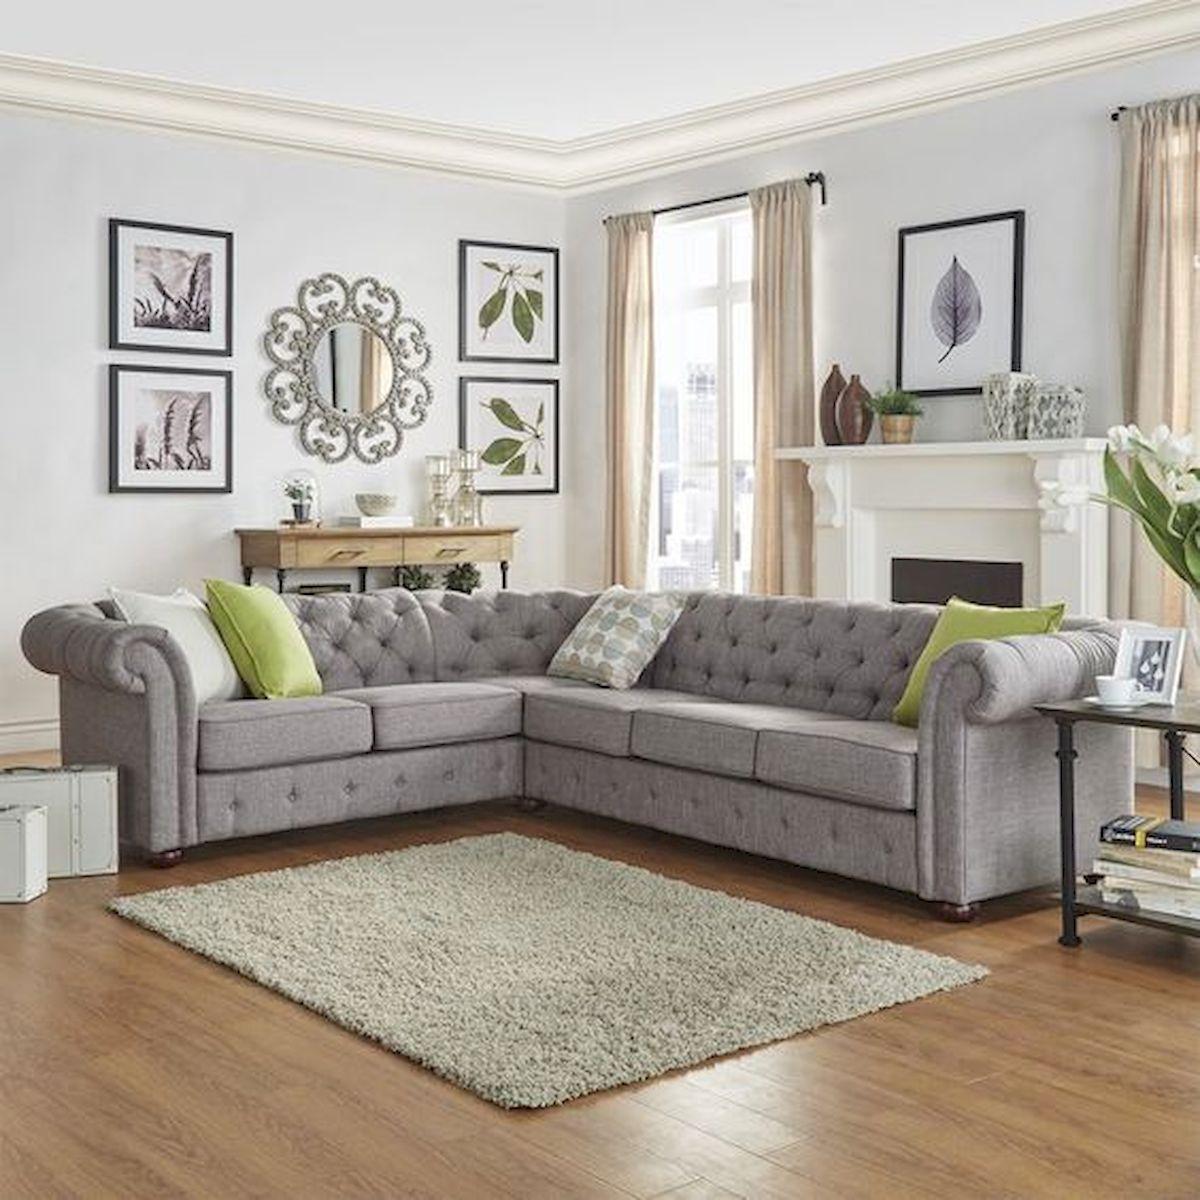 50 Cozy Farmhouse Living Room Design and Decor Ideas (15)